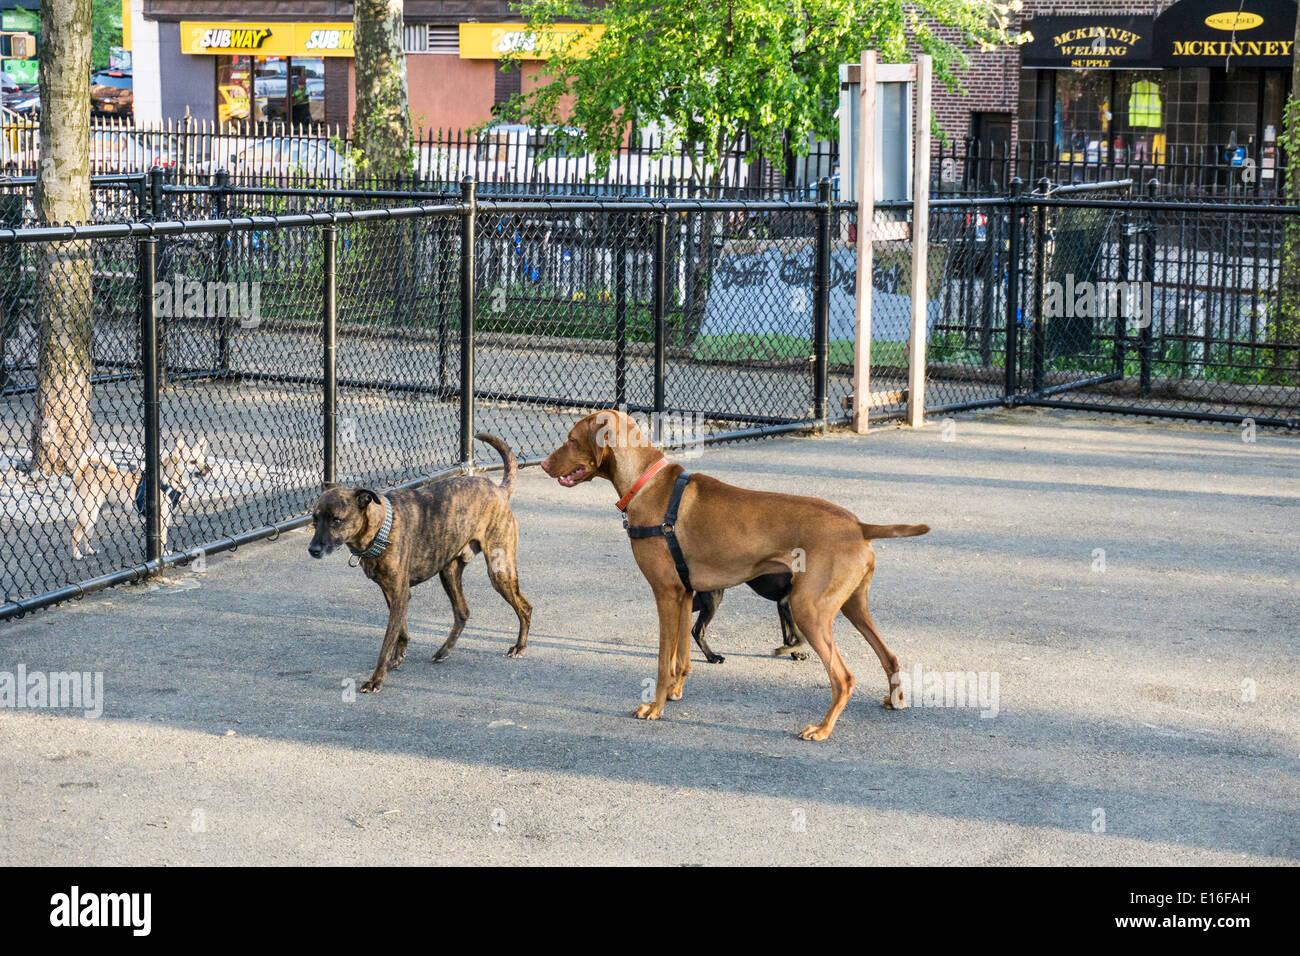 2 Hund Lauft Getrennt Von Zaun Zu Grossen Klein Wenig Platz Fur